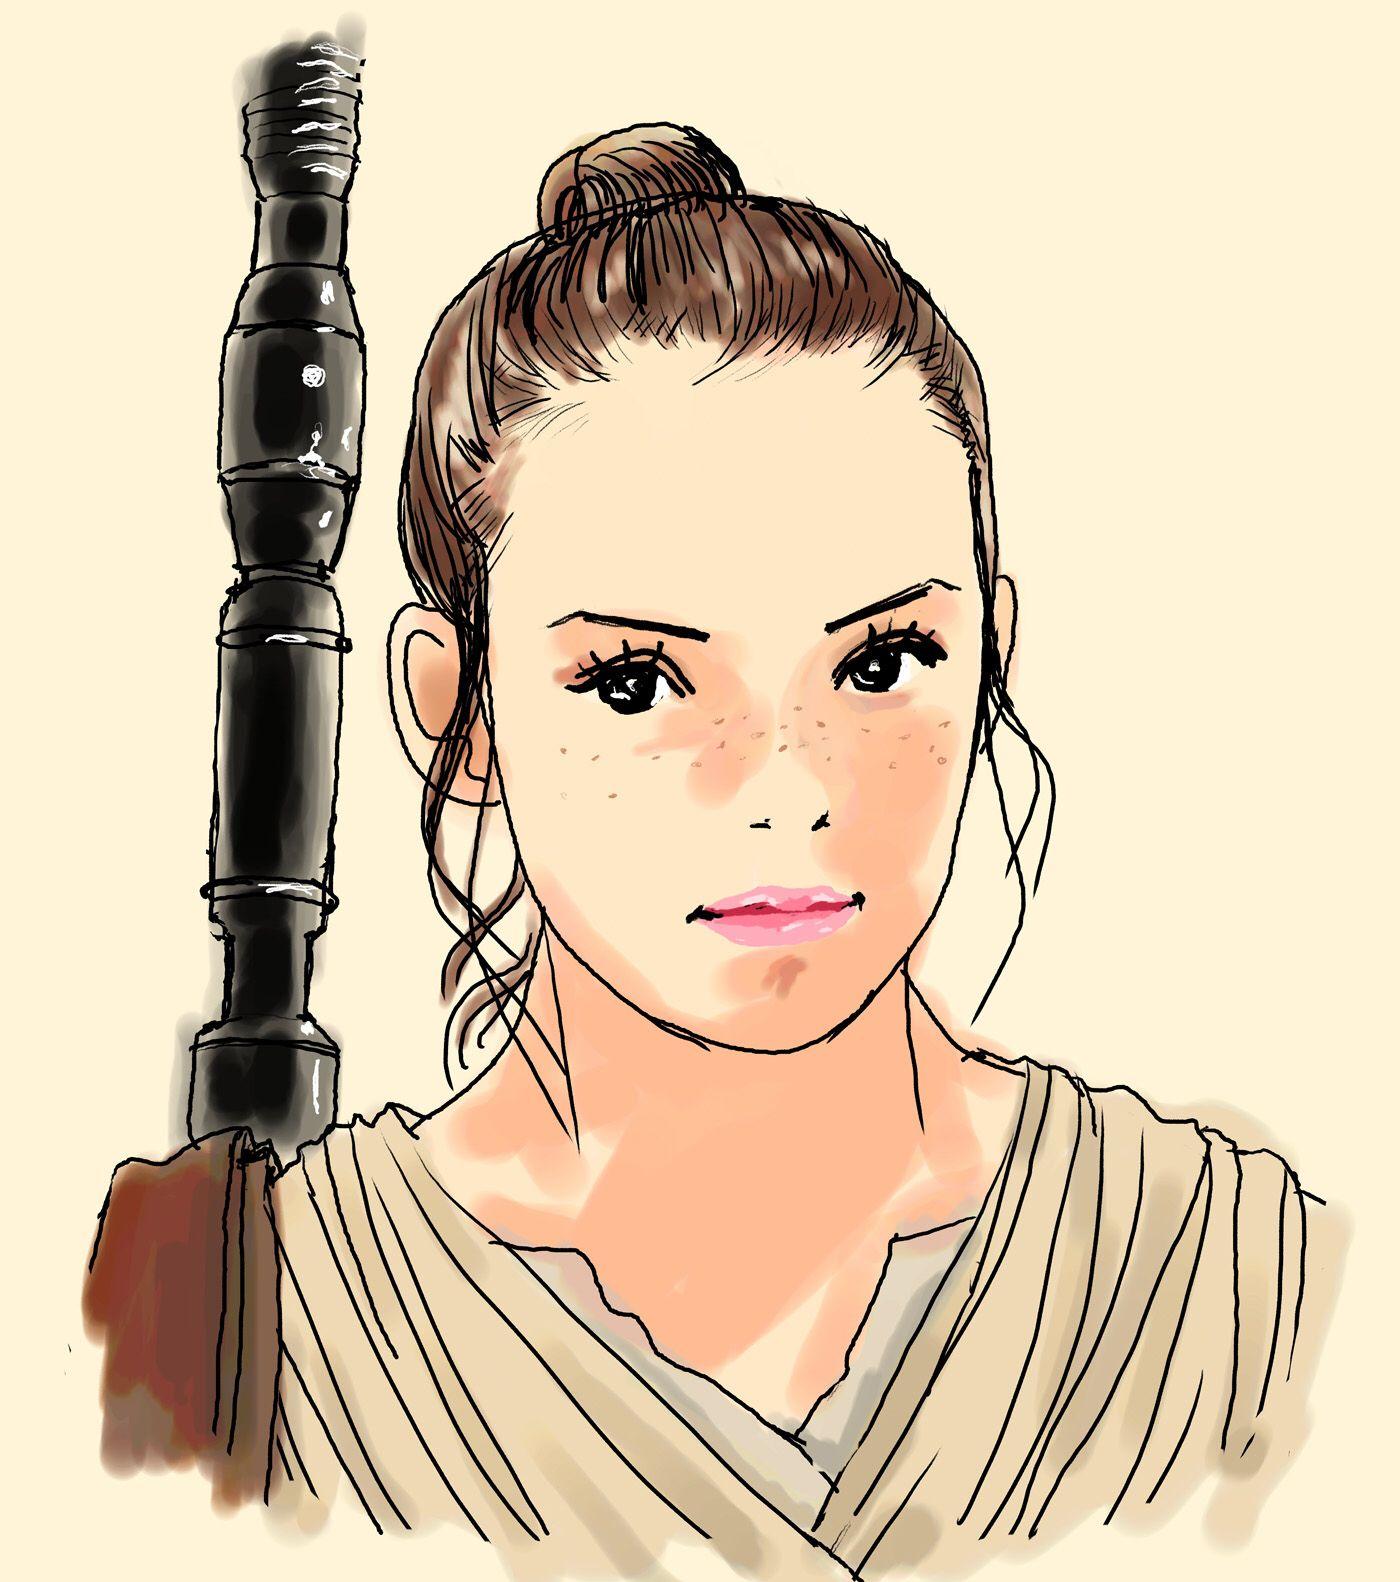 映画イラスト スターウォーズ フォースの覚醒 レイ Movie Illustration Starwars Forceawakens Rey イラスト 映画 漫画映画